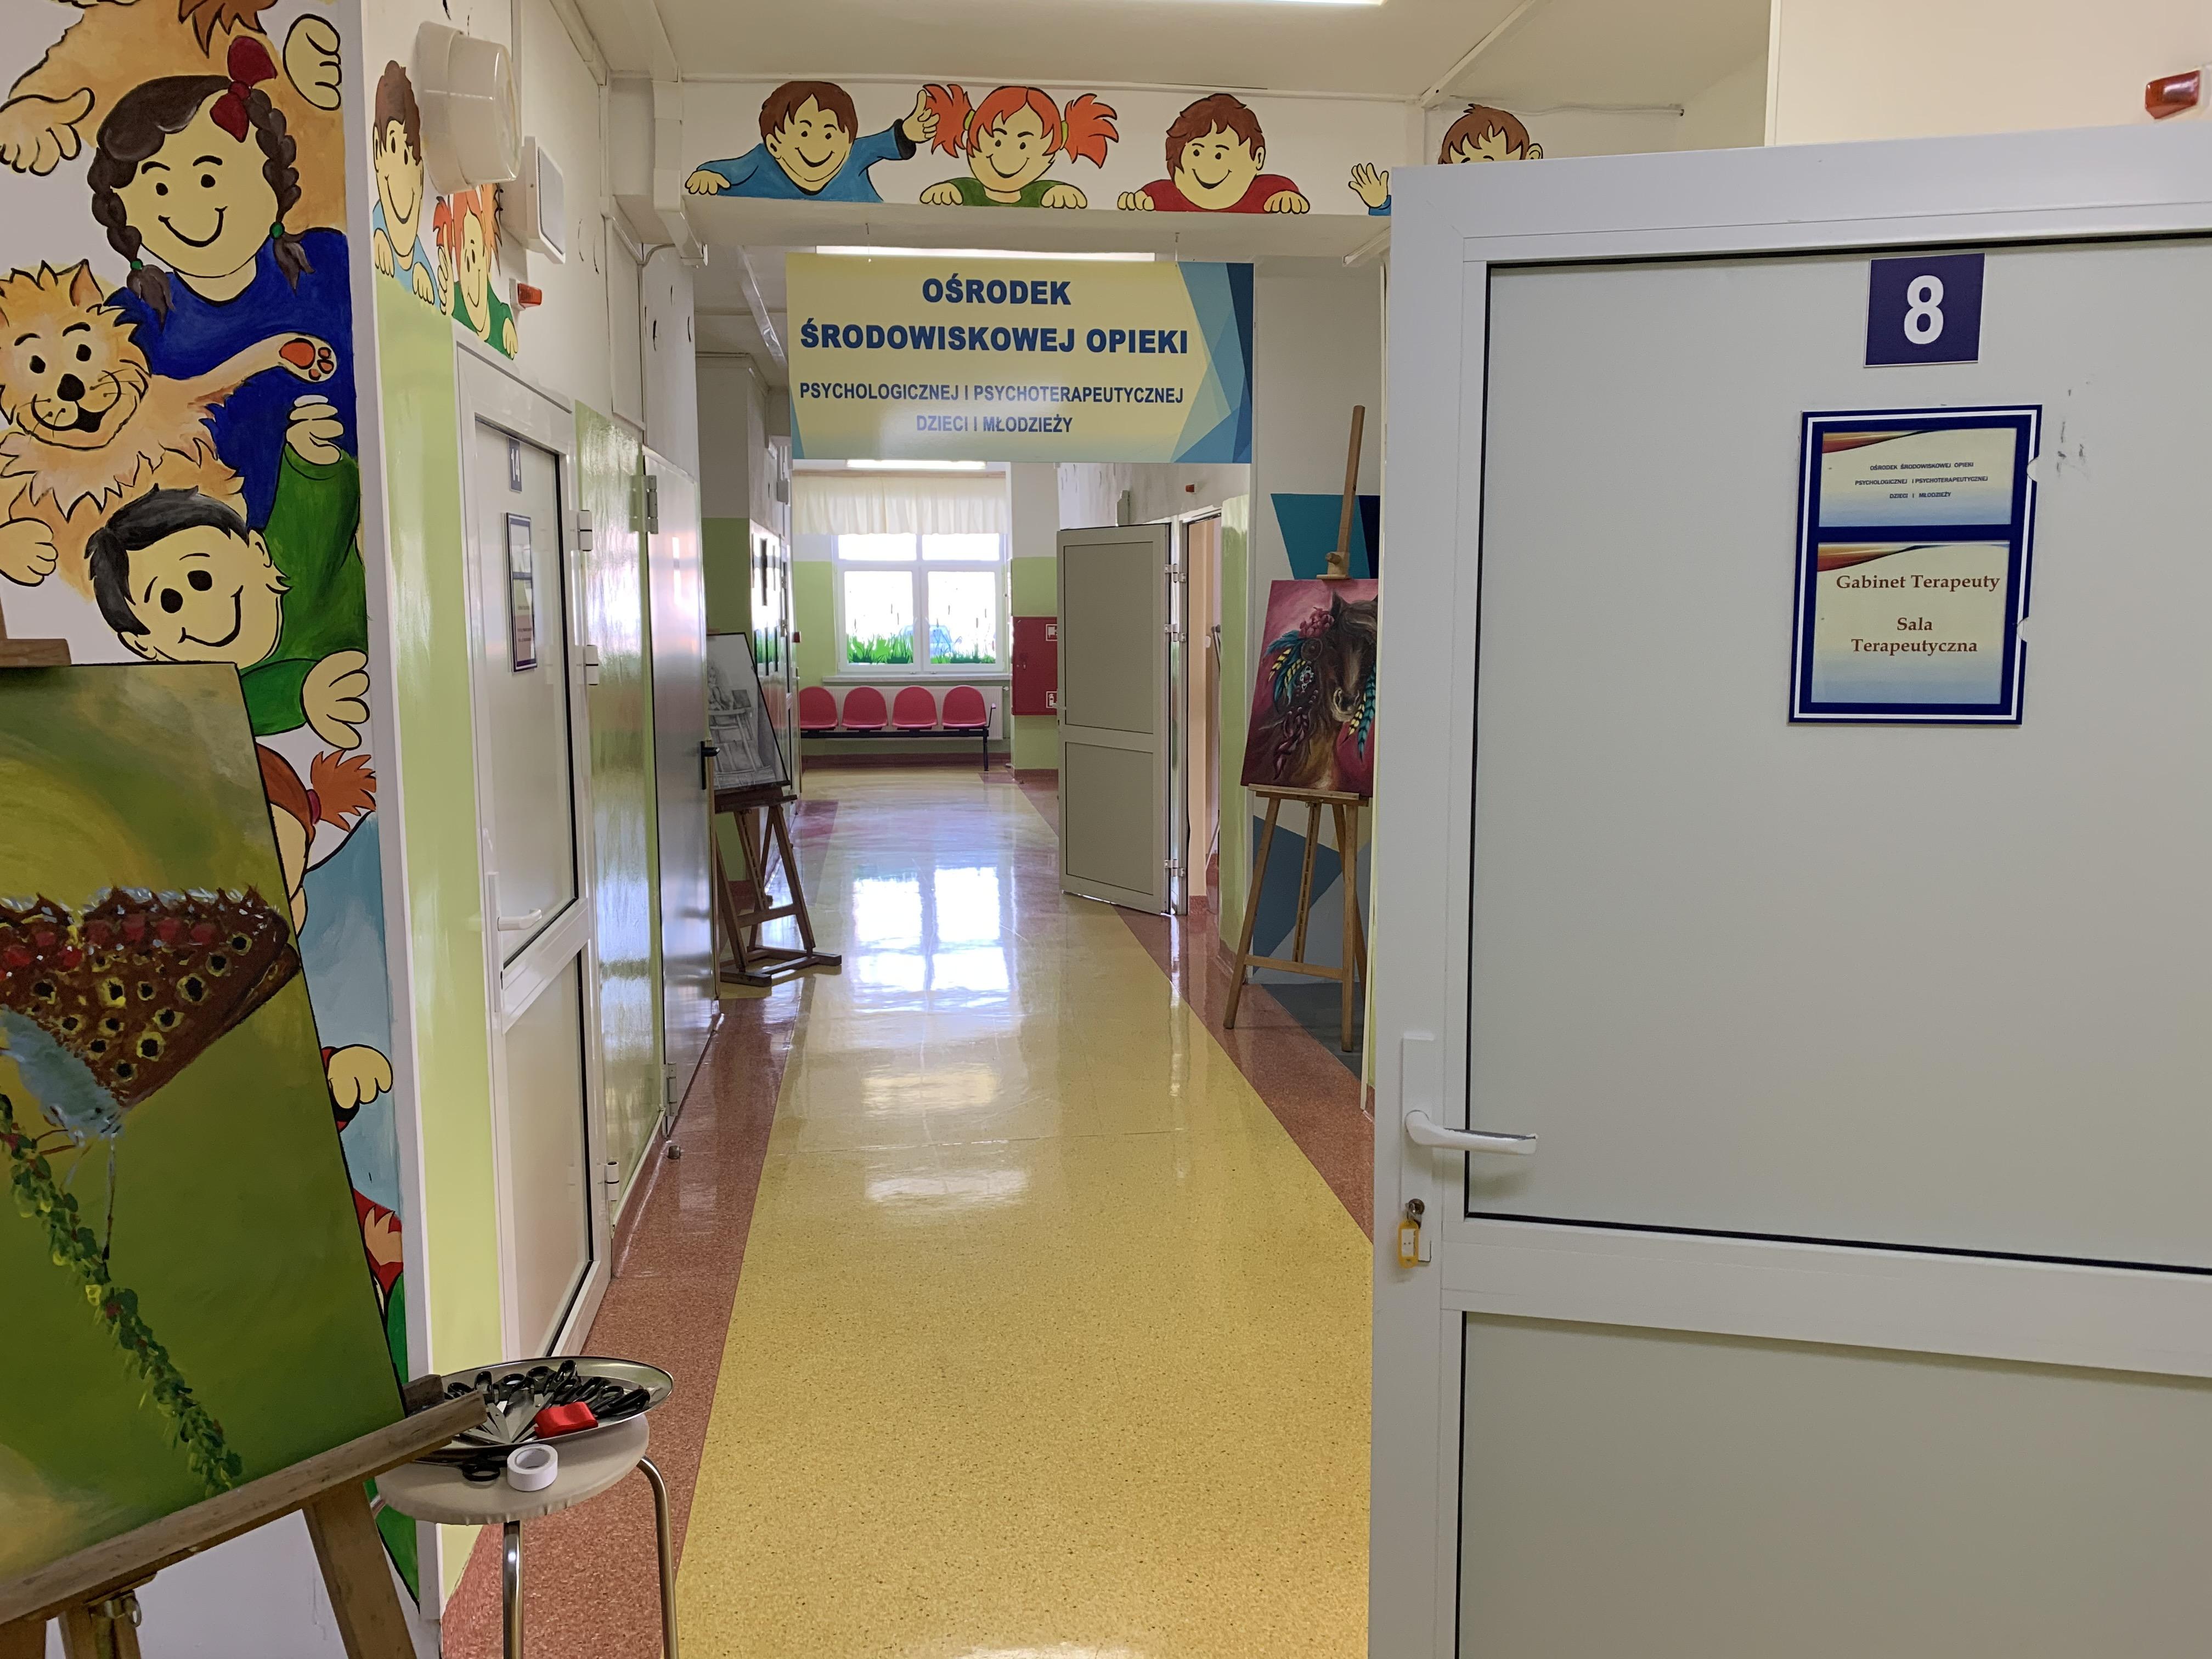 korytarz ośrodka środowiskowej opieki psychologicznej i psychoterapeutycznej